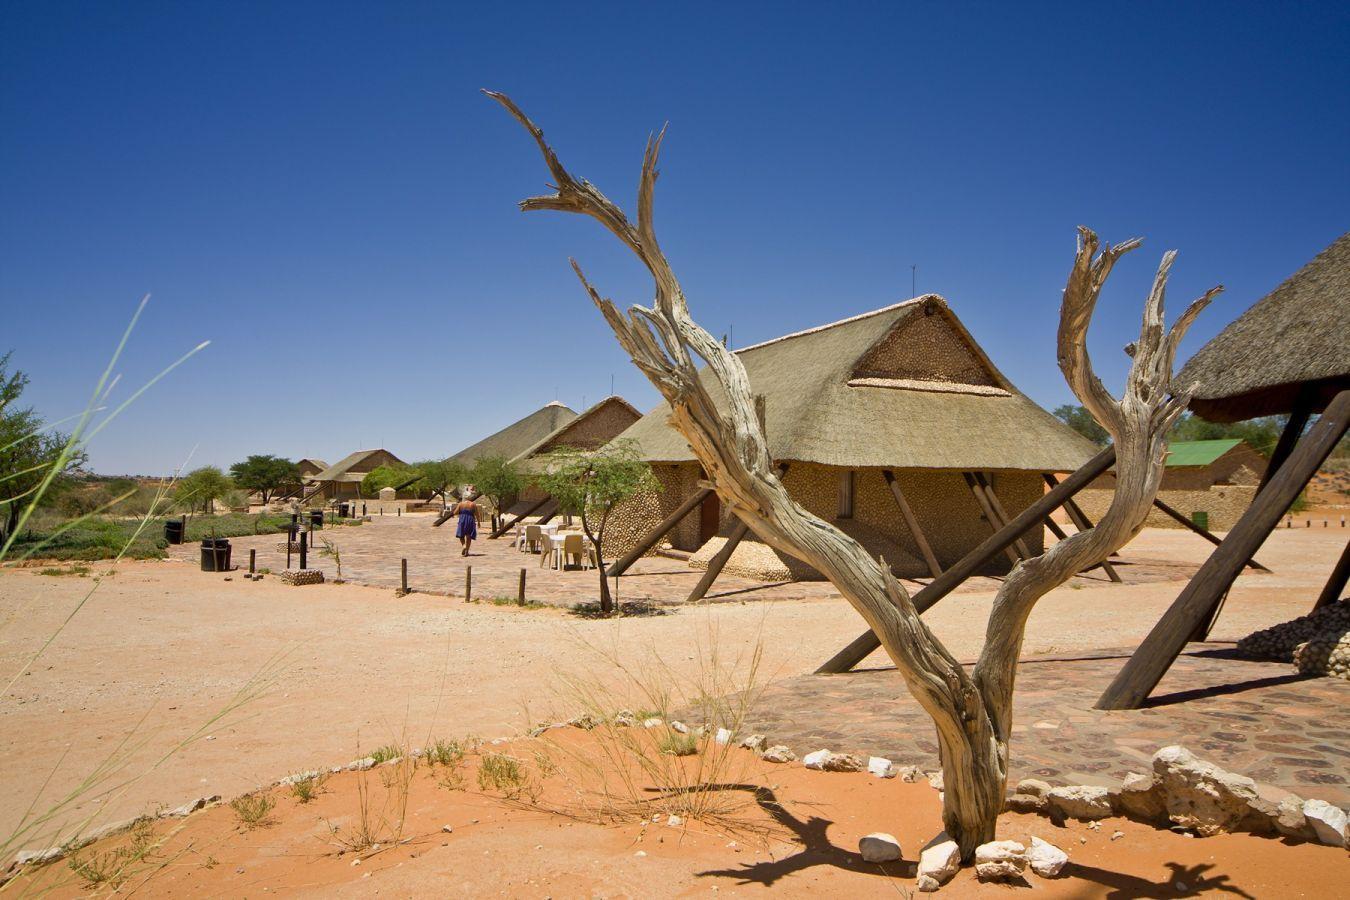 Twee Rivieren Restcamp